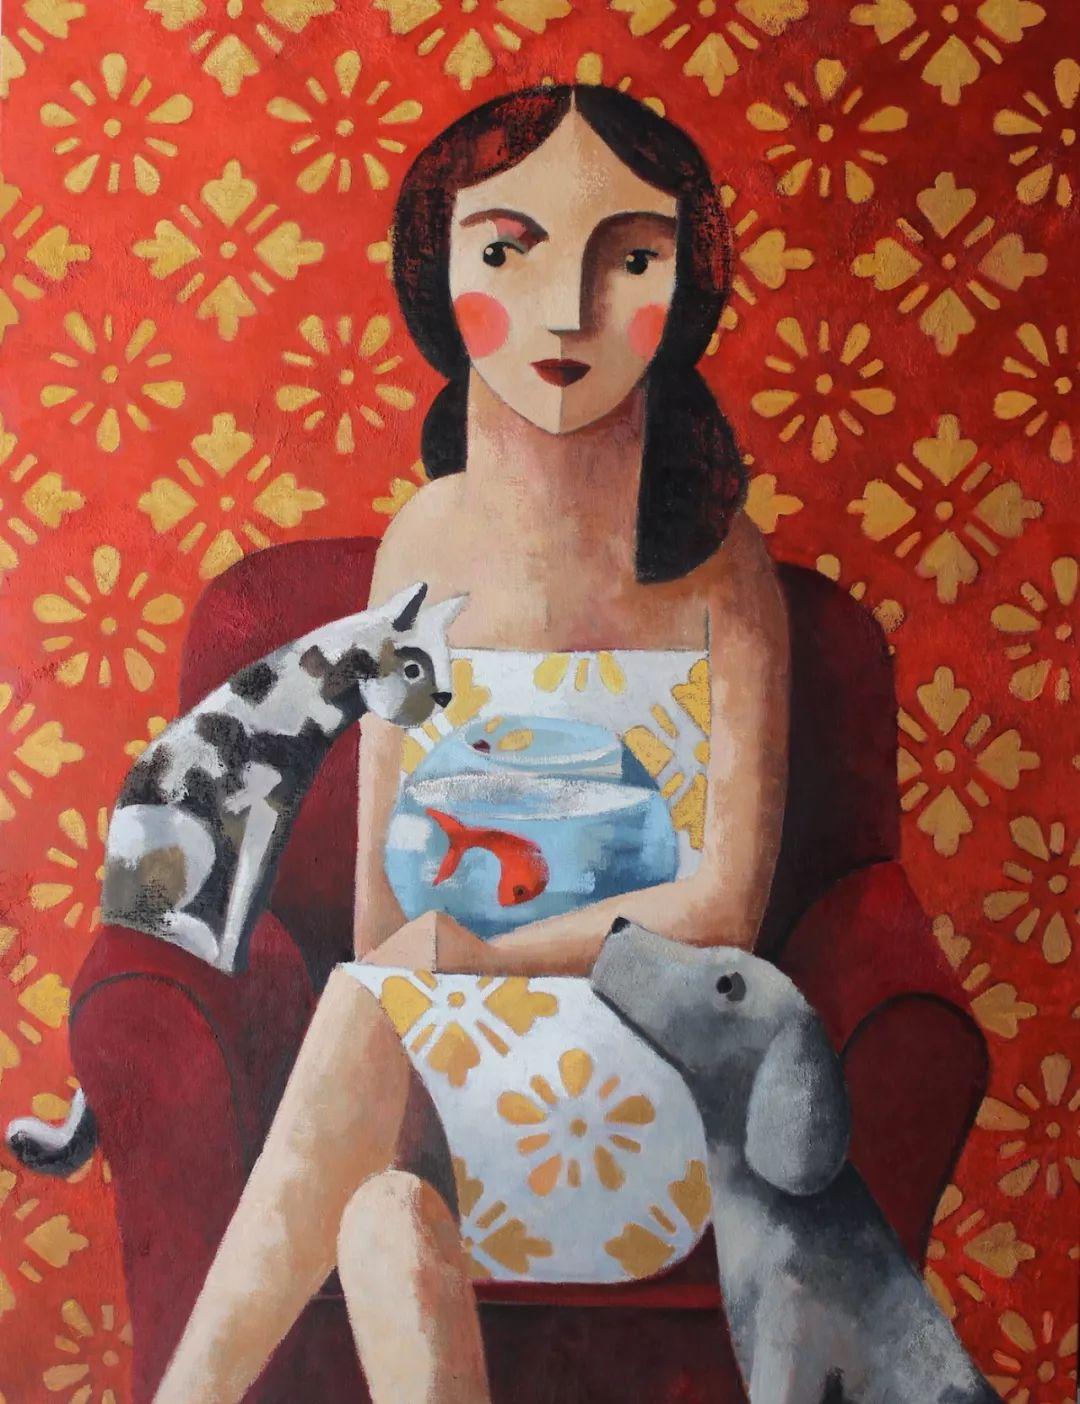 情感的表达,西班牙画家Didier Lourenço插图31